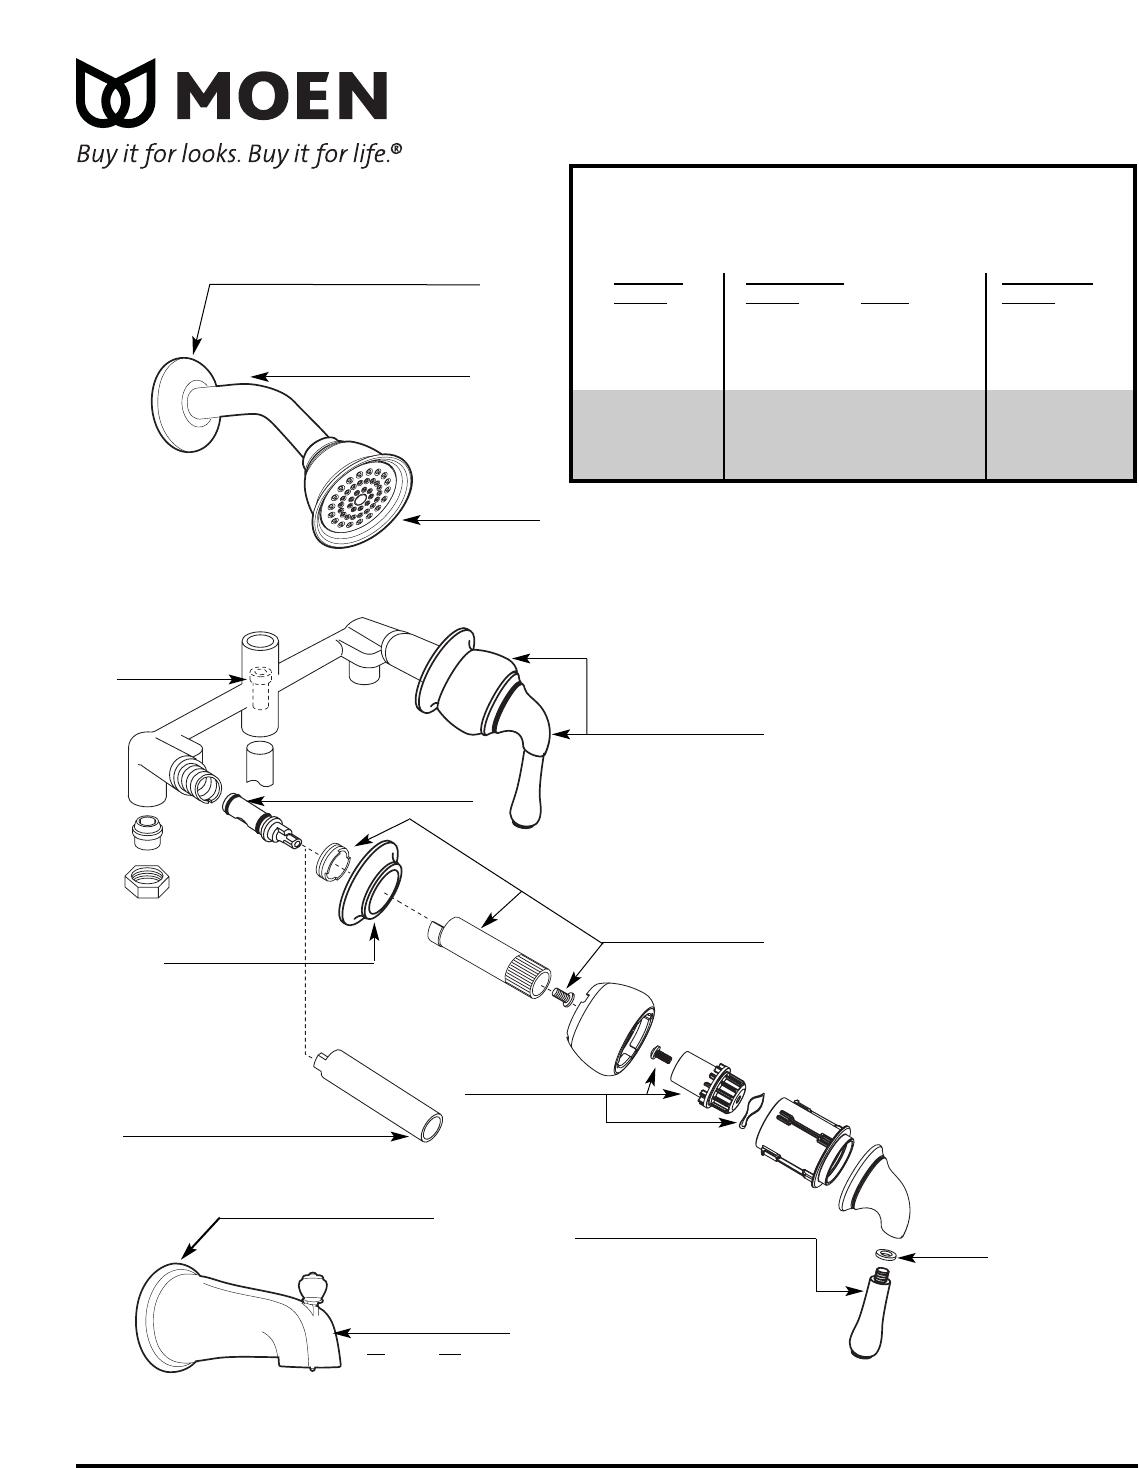 Moen Plumbing Product 2592 User Guide | ManualsOnline.com